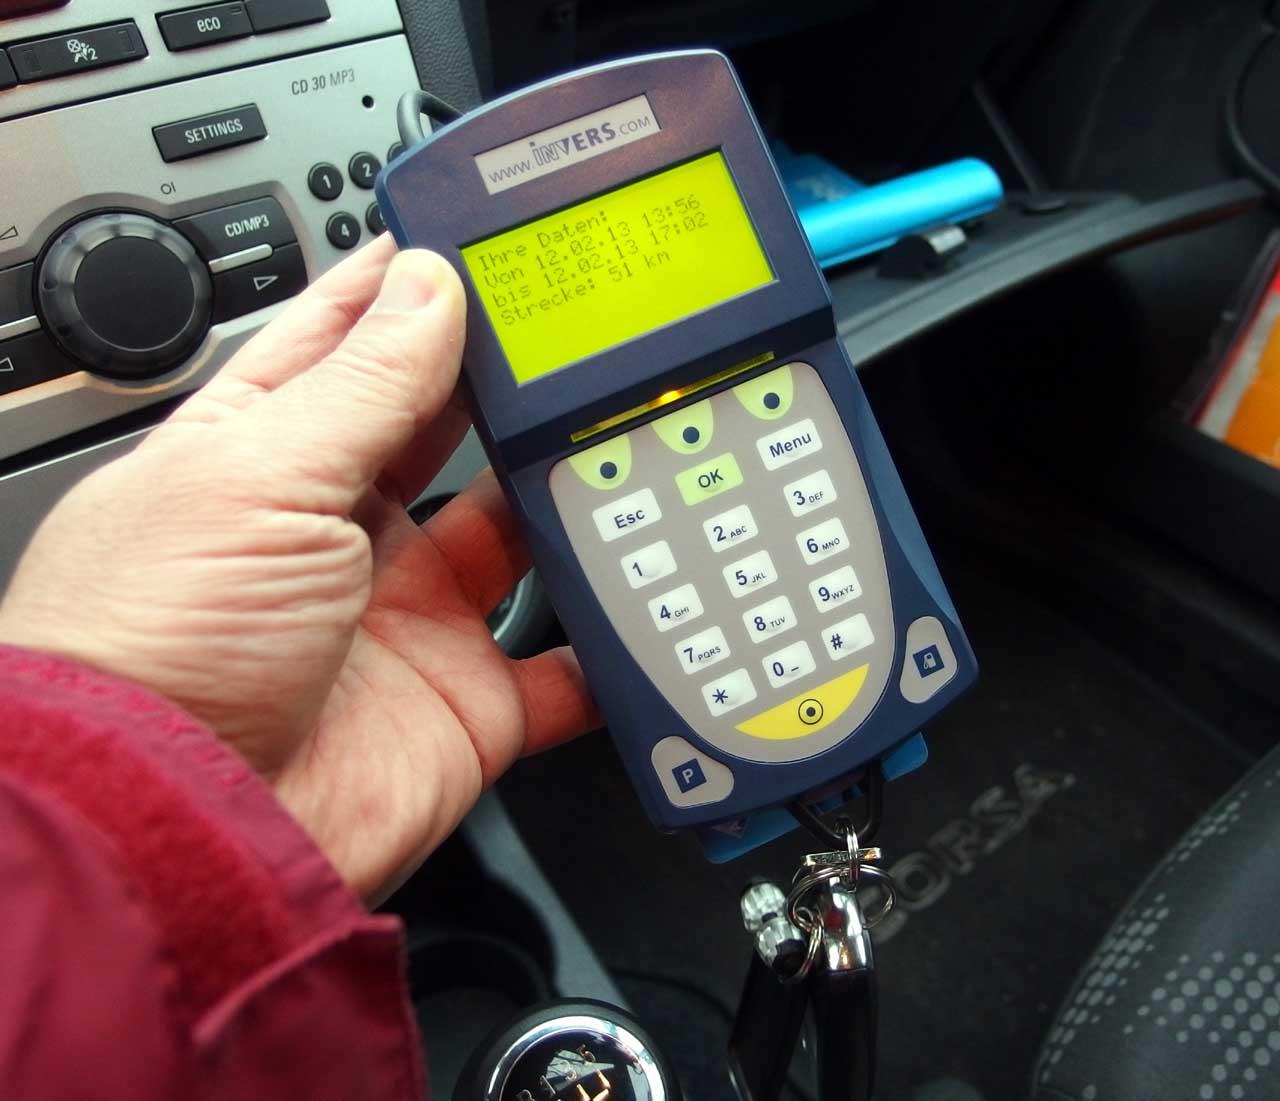 カーシェアリング、①会員カード(ICカード)で車のドアを開ける、②車内備え付けのキーパッド(写真)に暗証番号を入力、③車の鍵をキーパッドから引き抜く、④あとは通常の車と同じ、カールスルーエ、2013.02.12. © Matsuda Masahiro